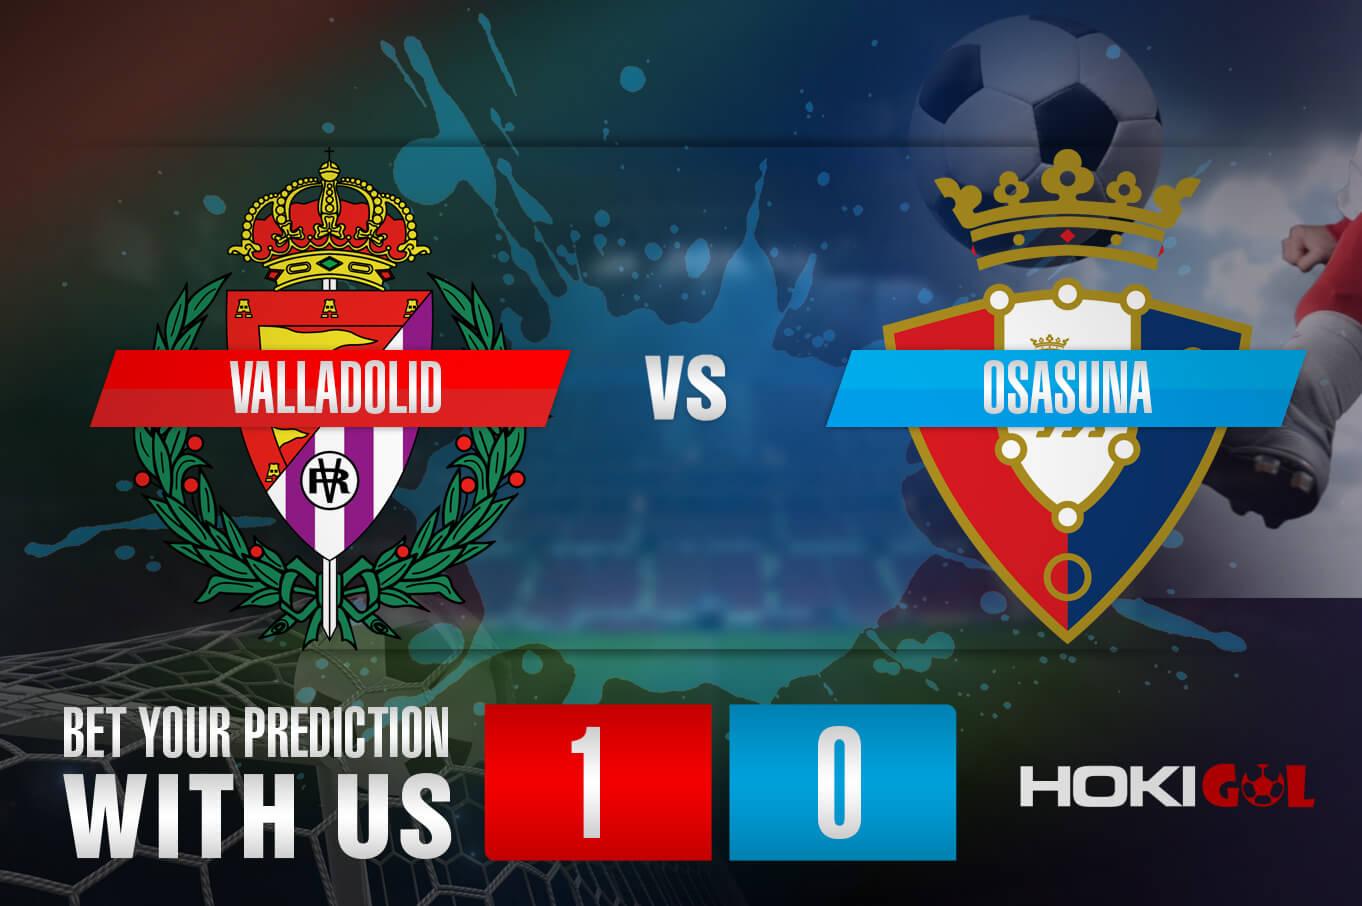 Prediksi Bola Valladolid Vs Osasuna 12 Desember 2020